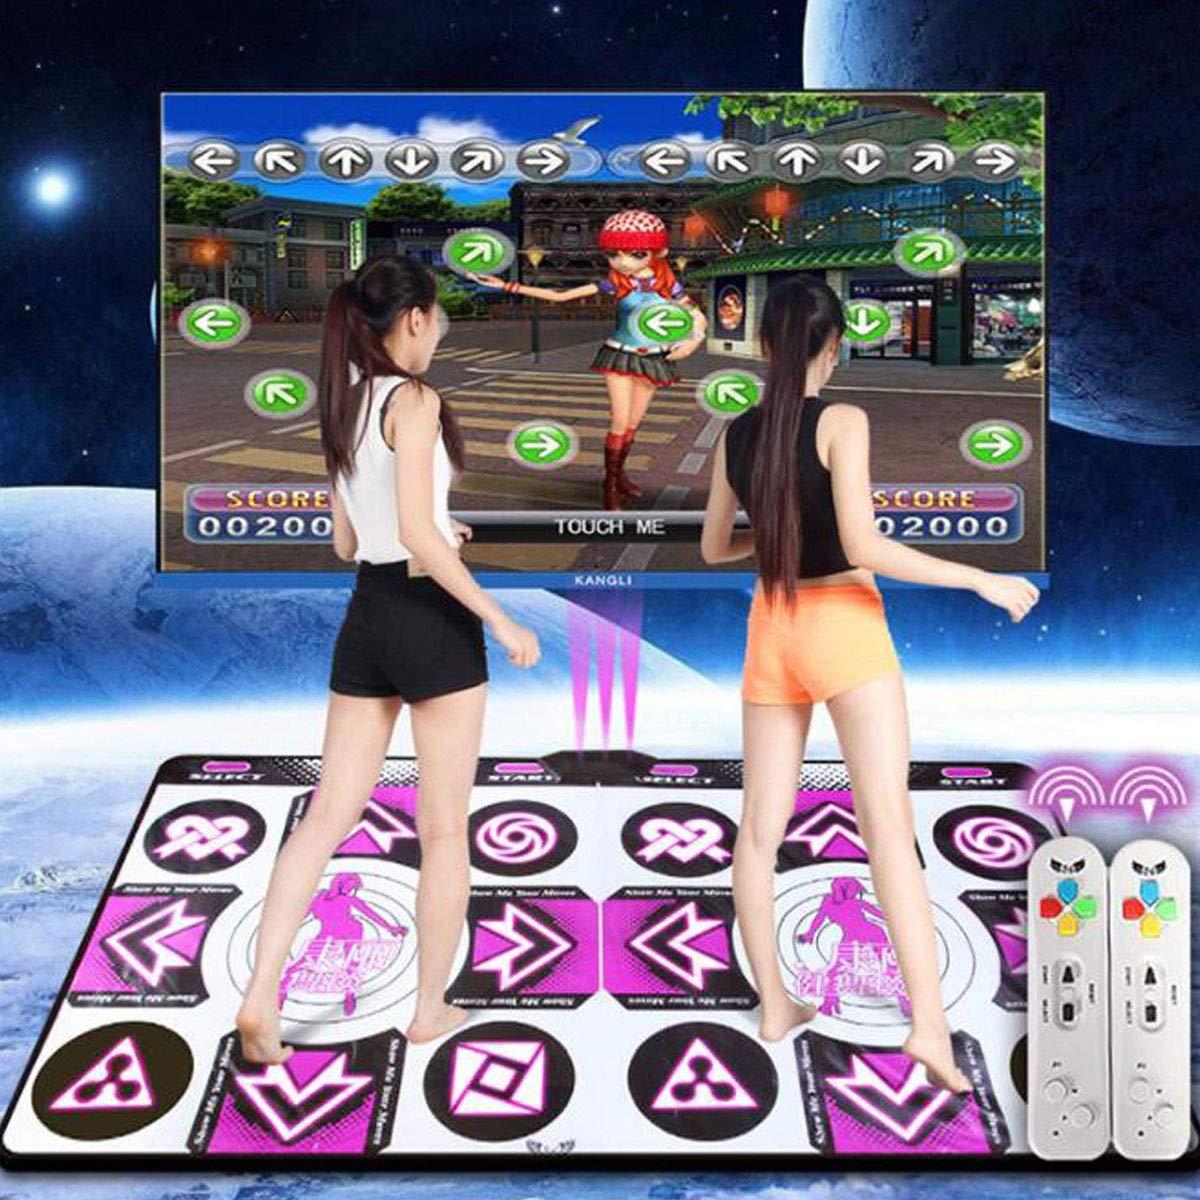 Z-SANMAO Tapis De Danse Double/Tapis De Danse Wii/Ordinateur/Télévision Double Usage,Tapis De Danse Tapis De Danse Danse/Tapis De Danse Adulte/Enfant